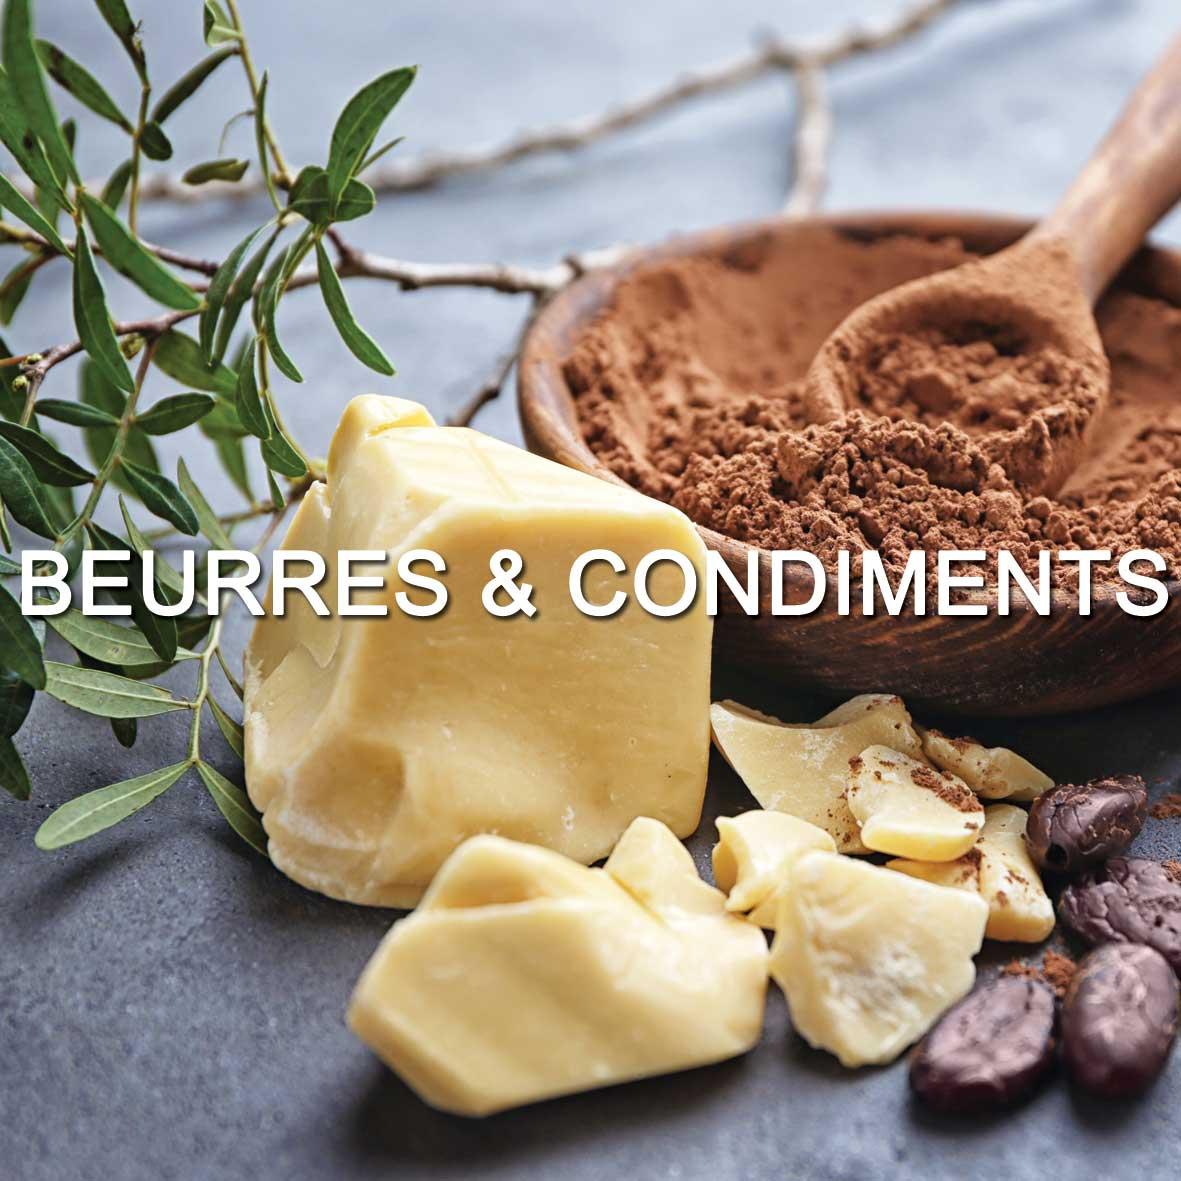 Le Fumoir de Saint-Cast vous présente ses produits d'épicerie fine salés : Beurre & condiment